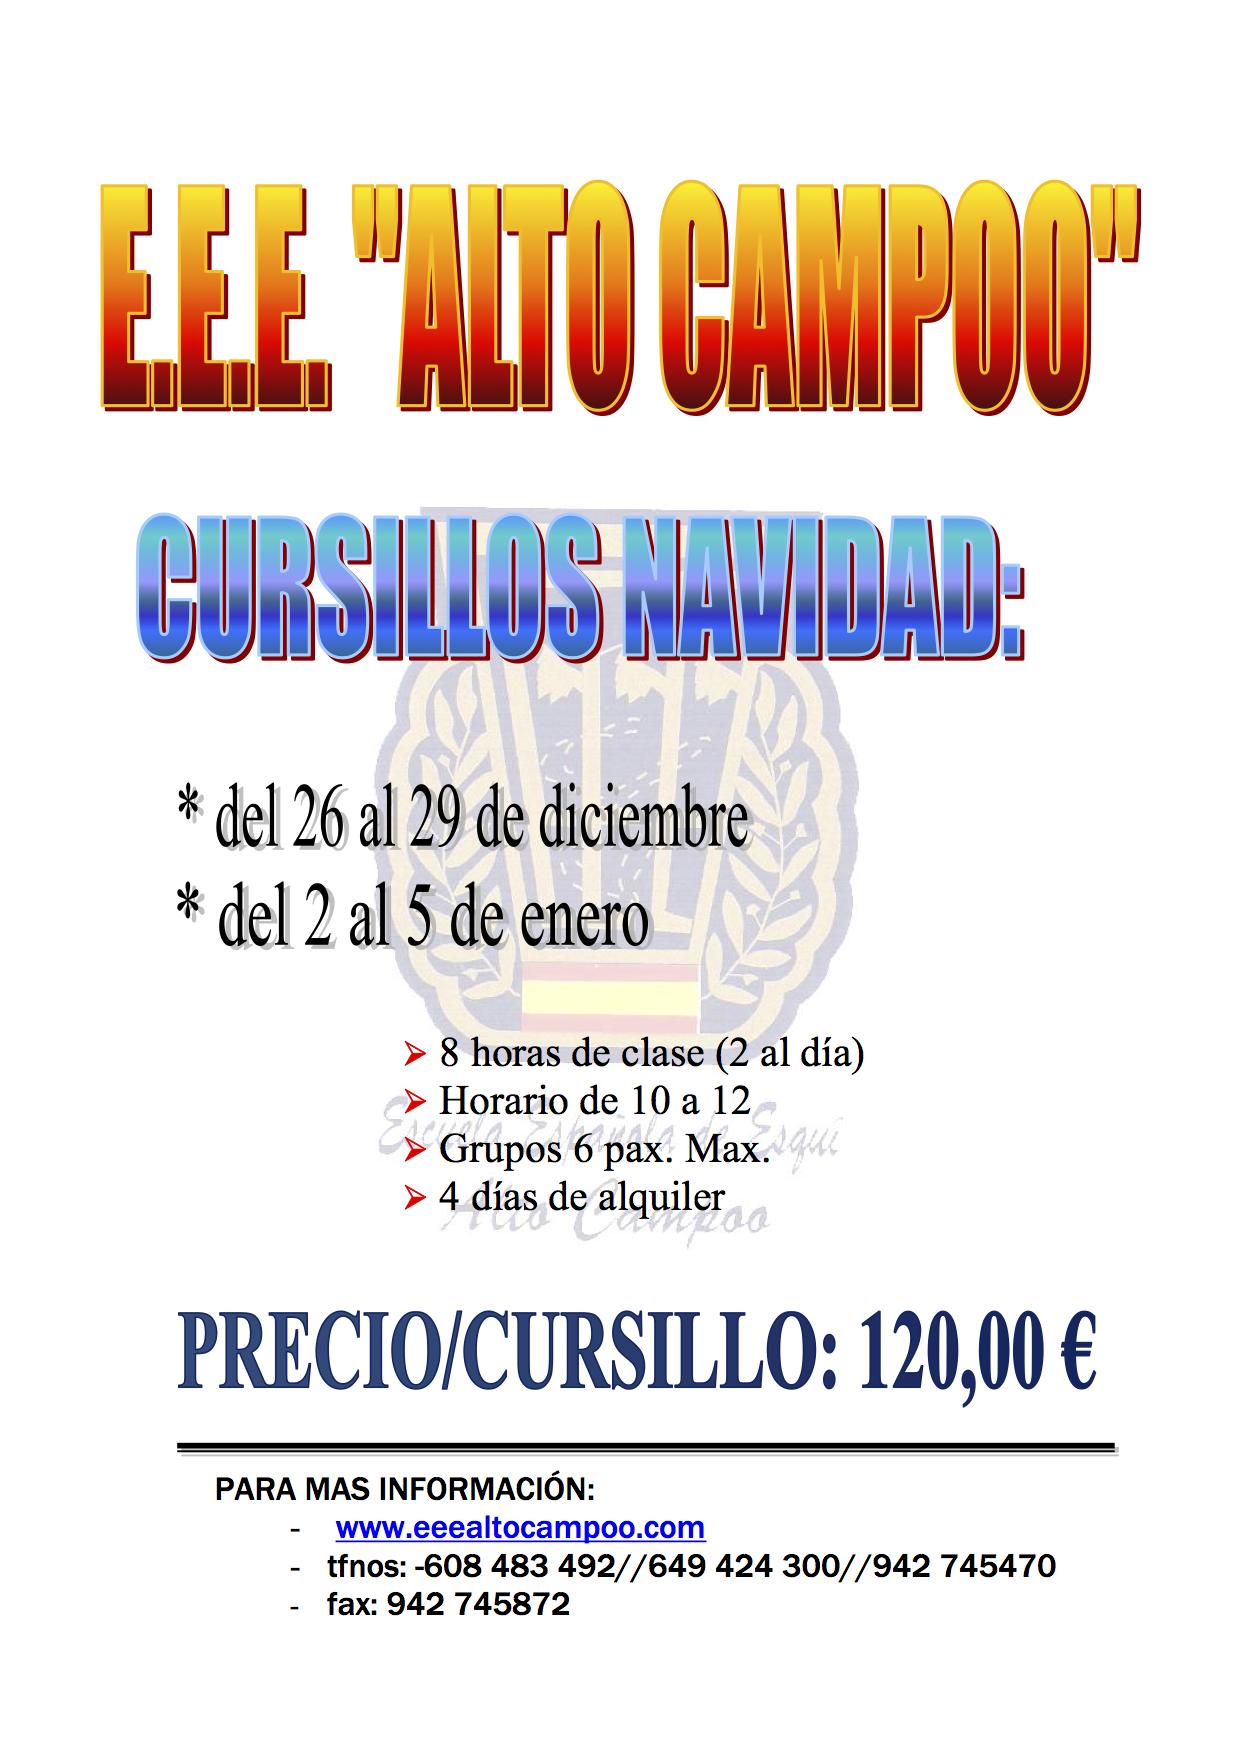 CURSILLO NAVIDAD